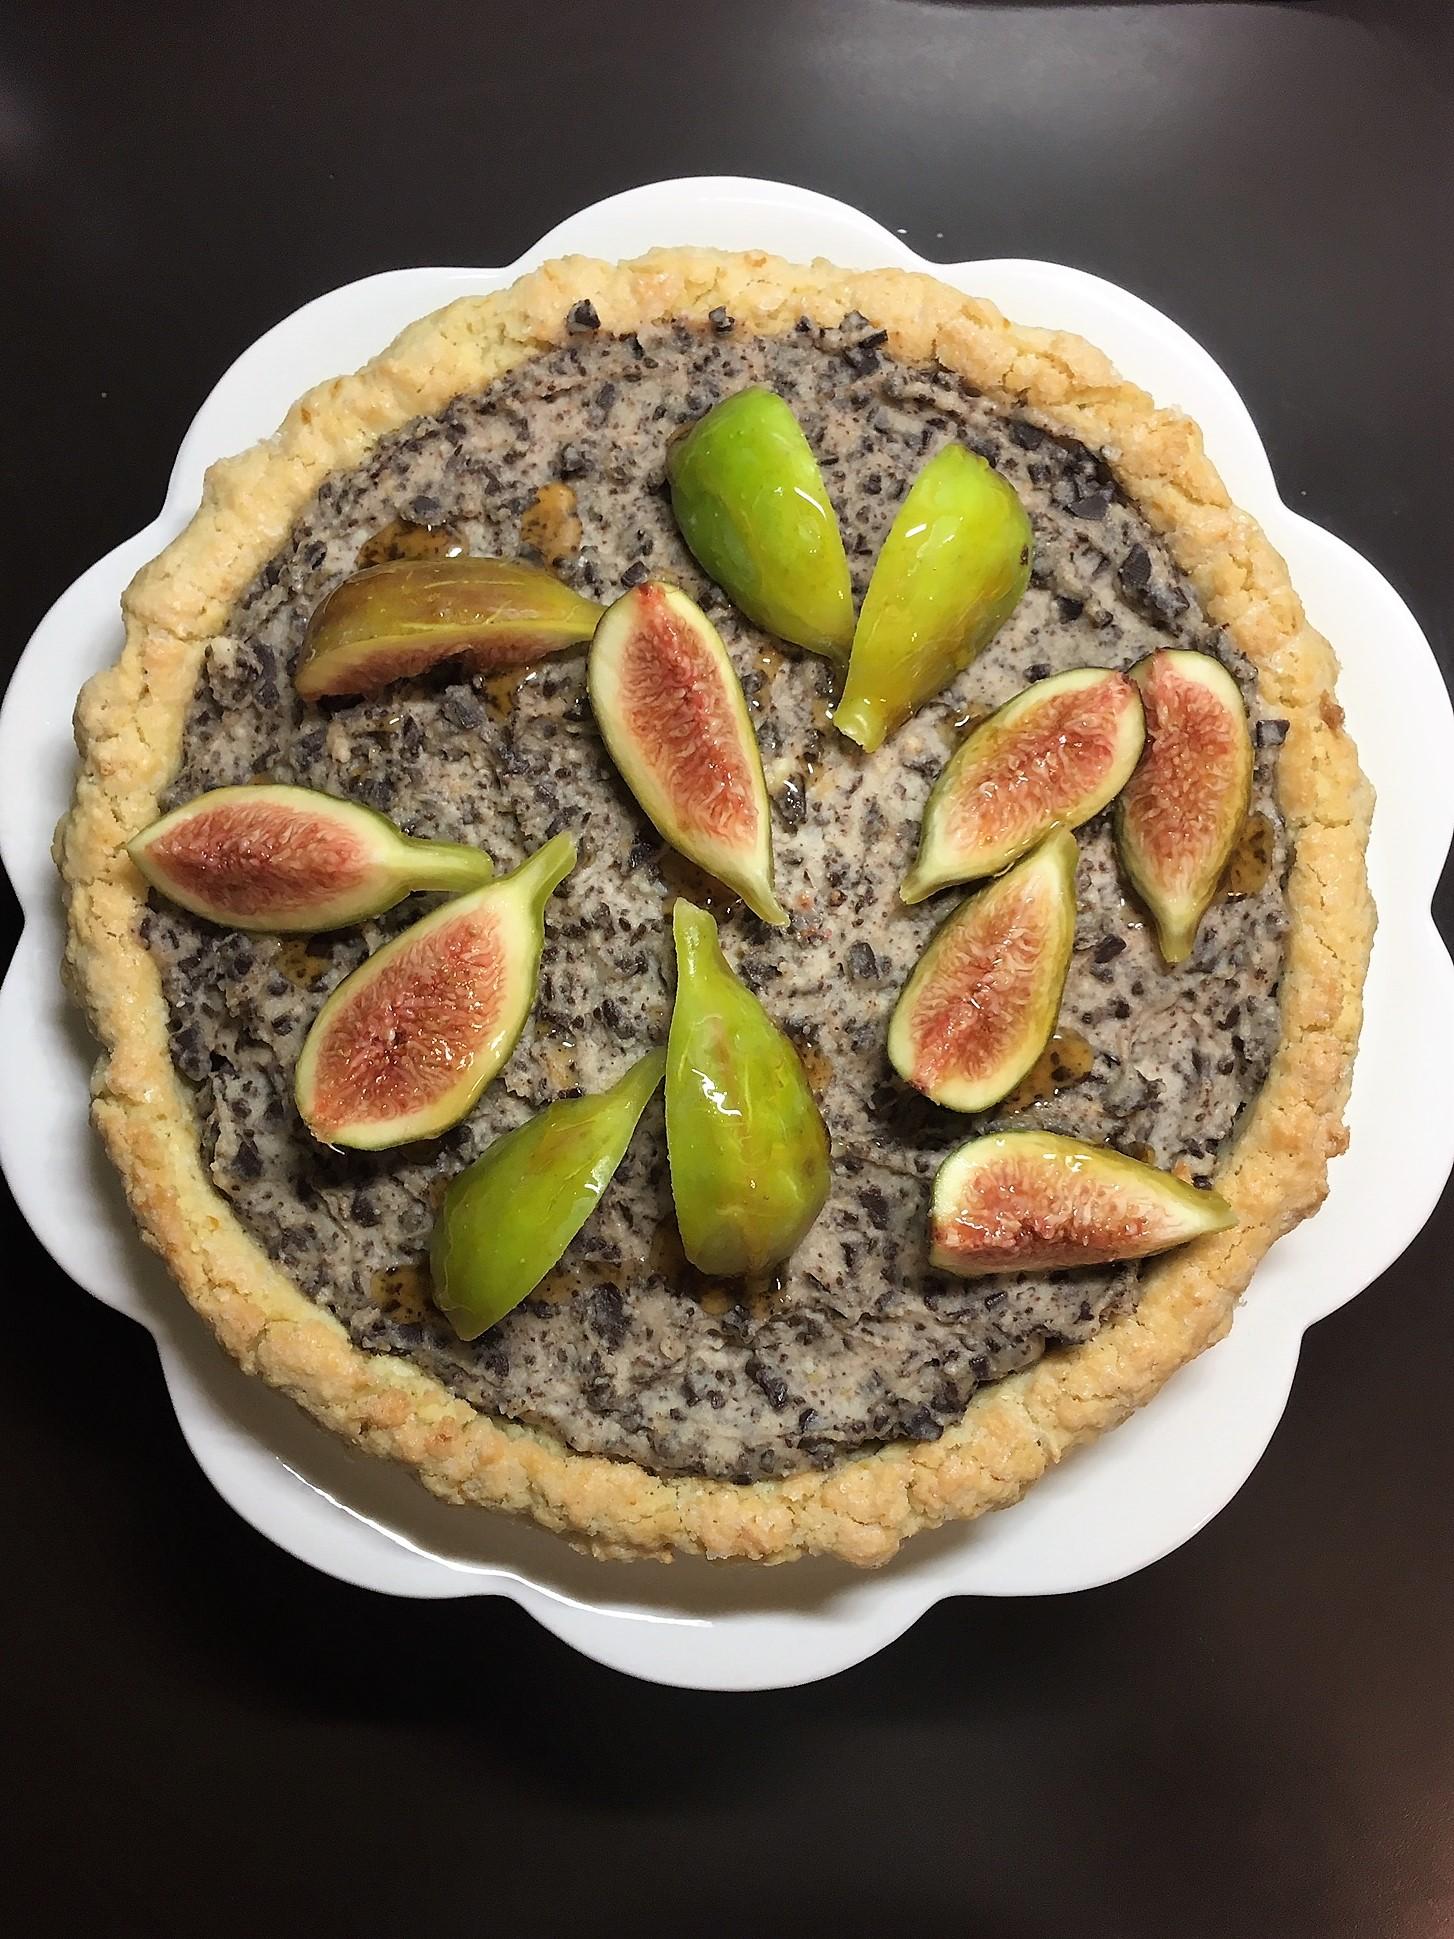 Molto chic: пирог с маскарпоне, инжиром и горьким шоколадом